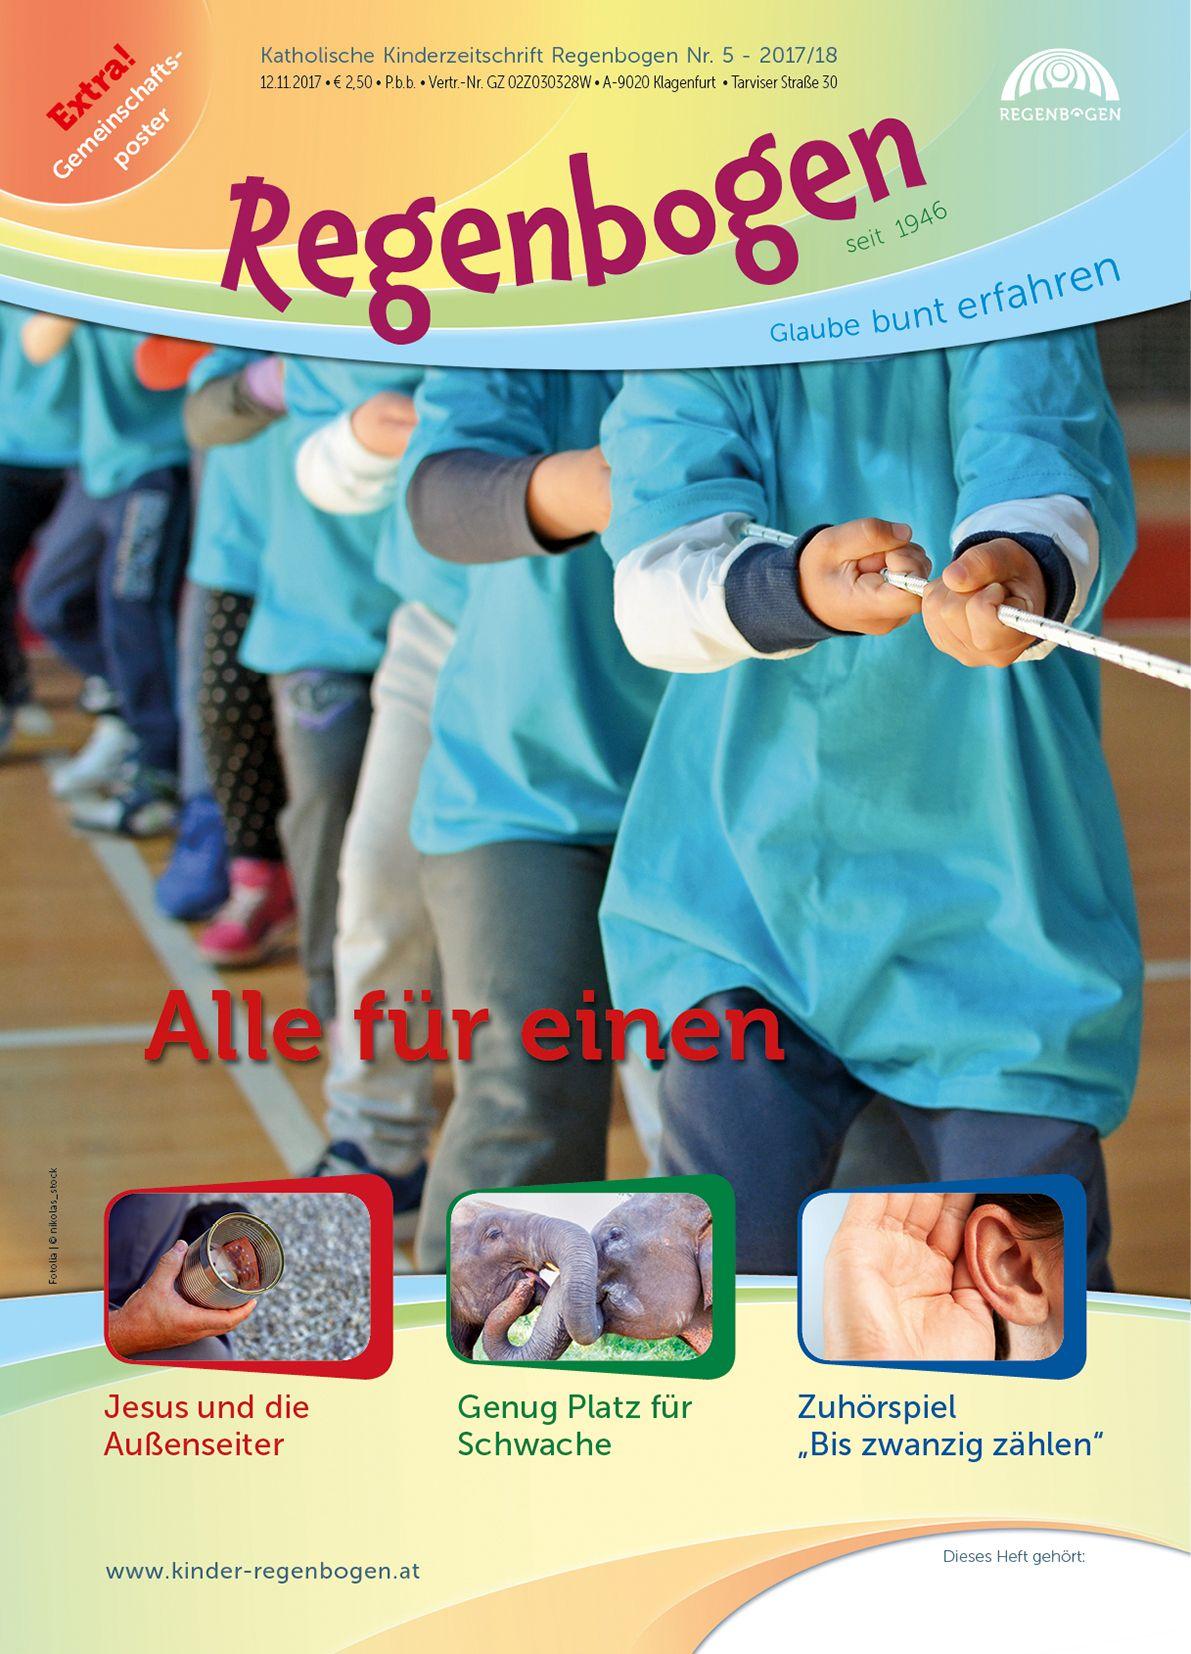 Regenbogen 2017/18